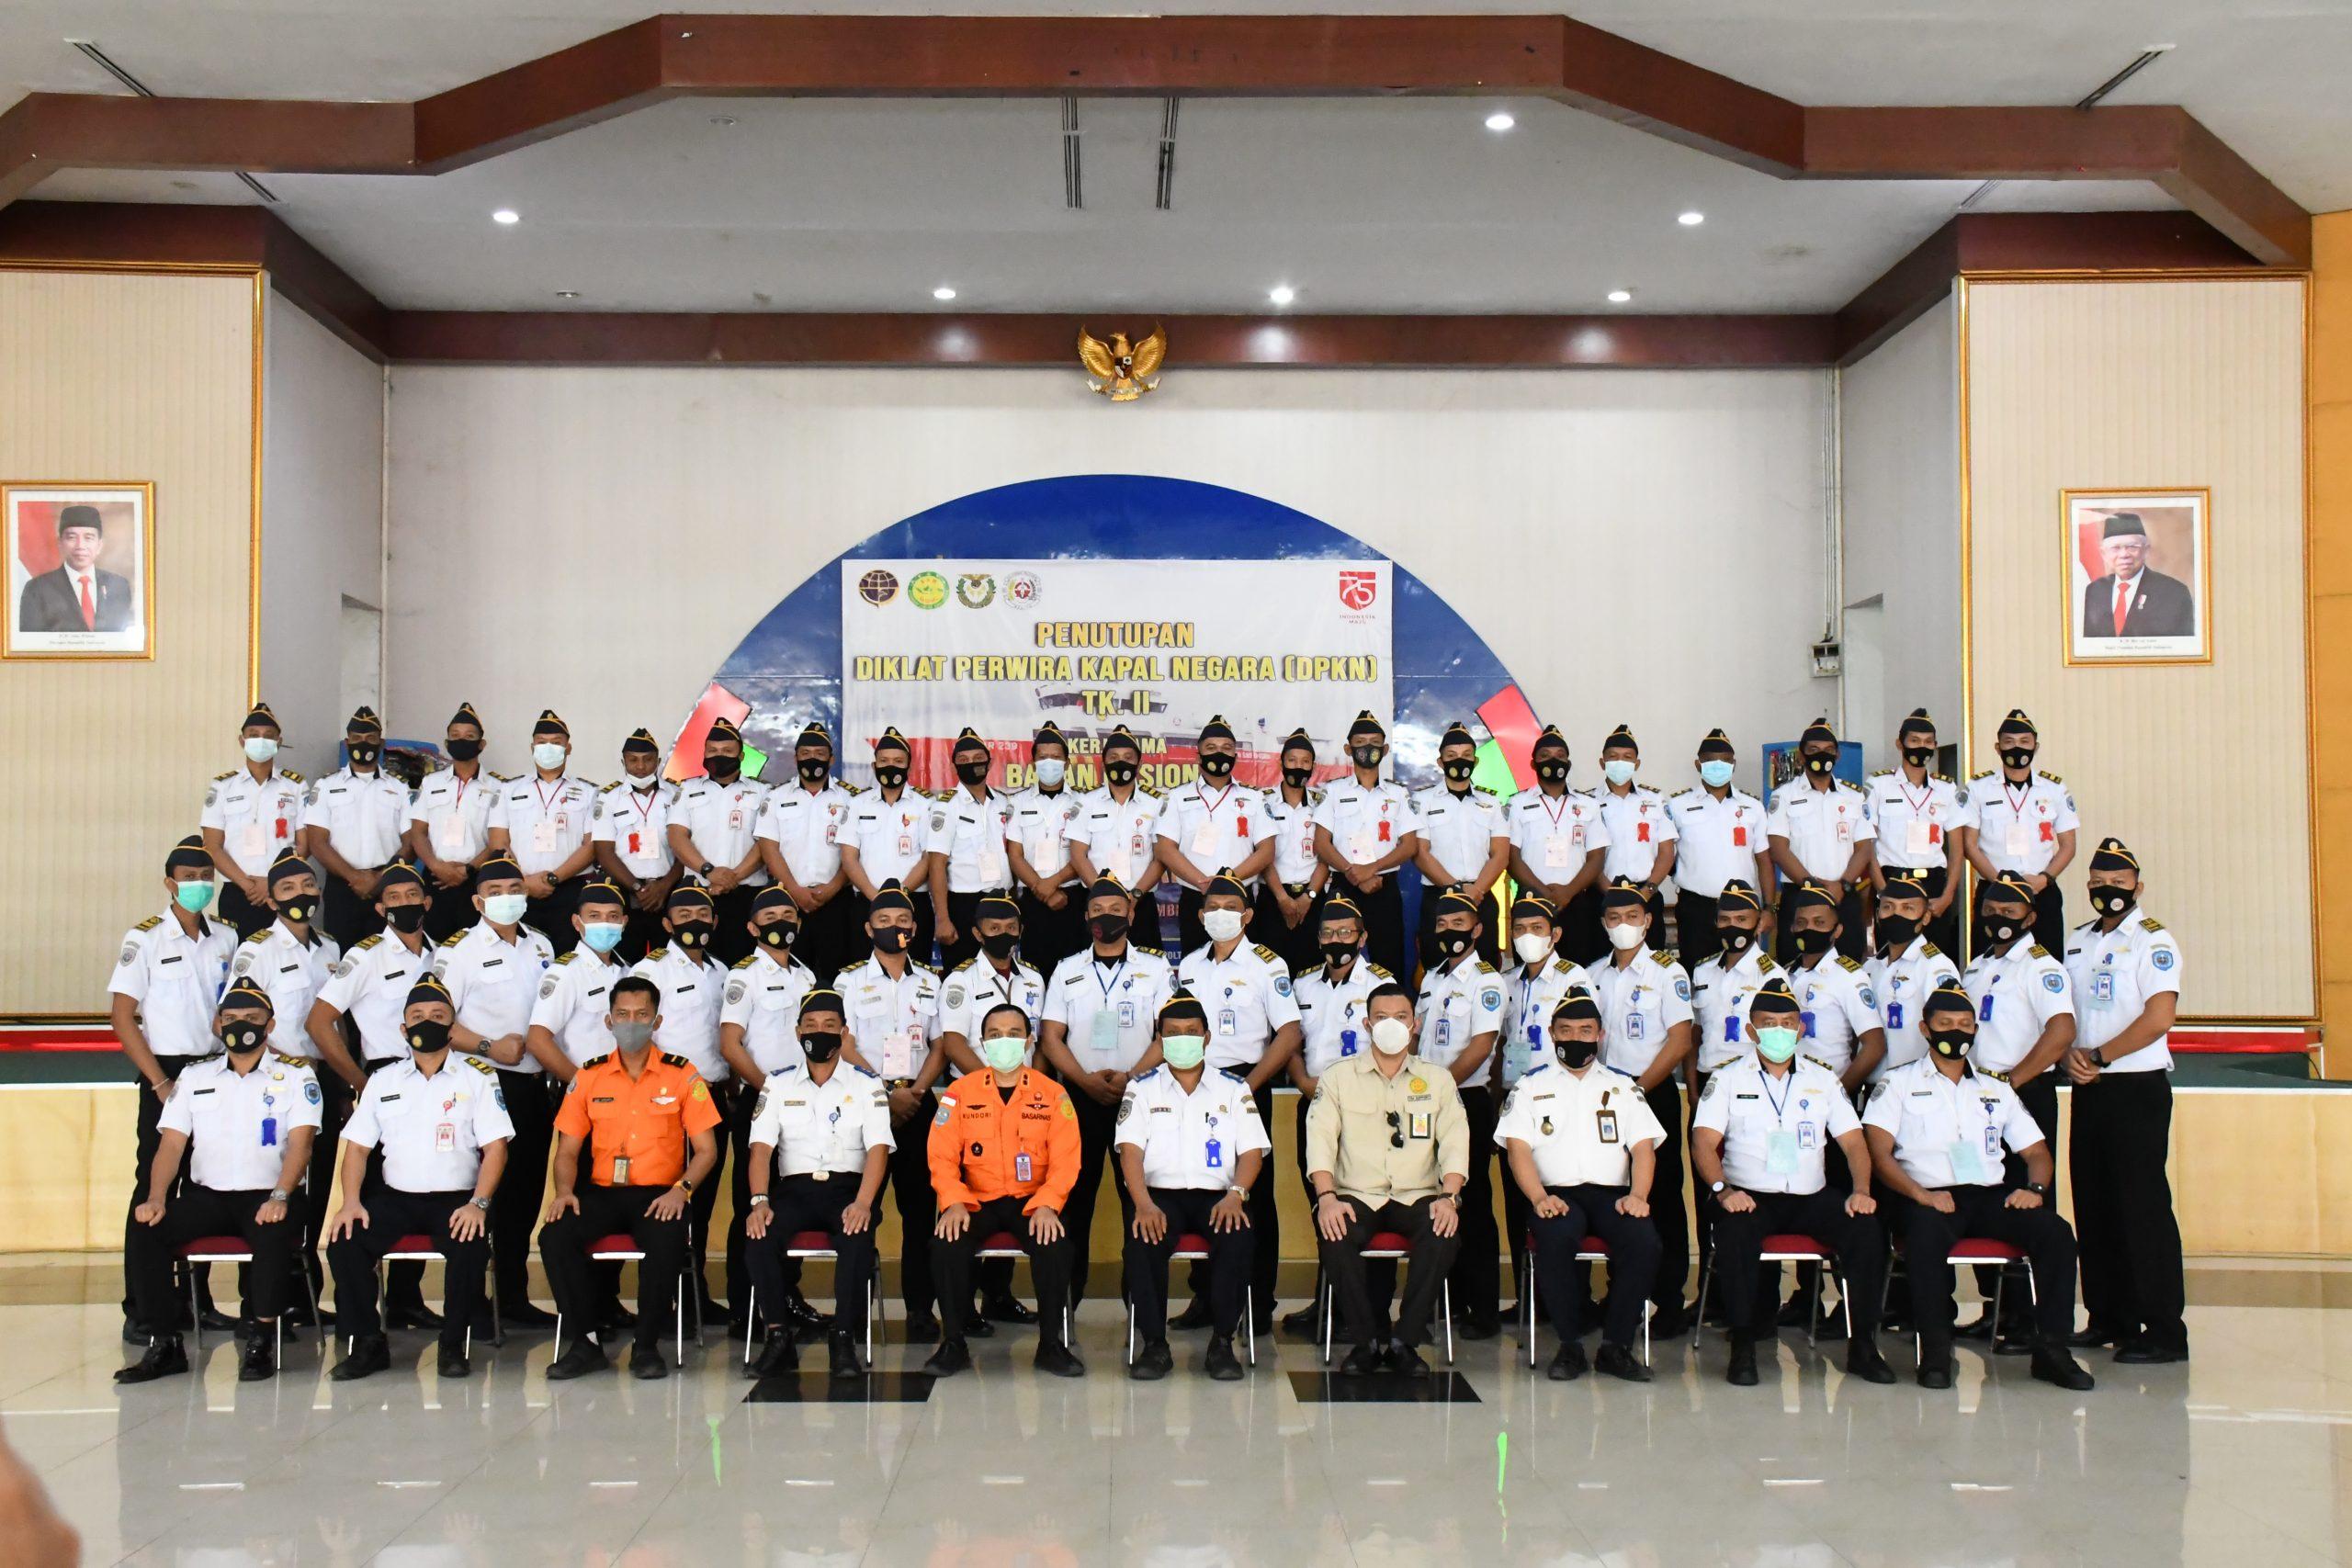 Penutupan Diklat Perwira Kapal Negara (DPKN) Tingkat II Badan Nasional Pencarian dan Pertolongan (BASARNAS)